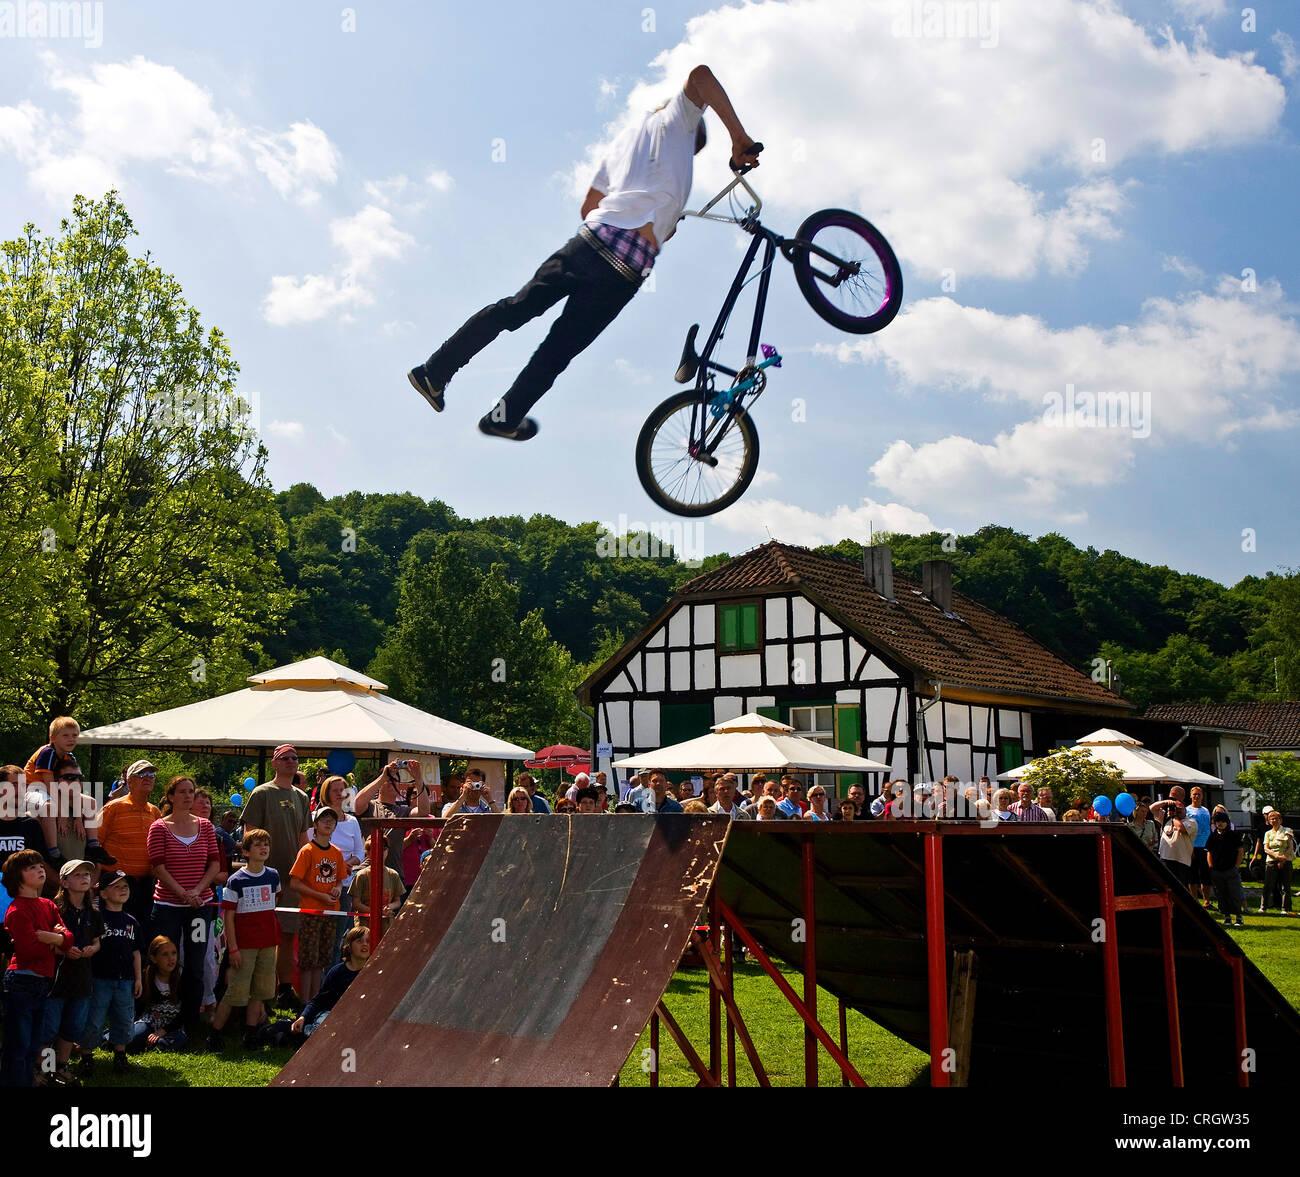 BMX spectaculaire-location aller au festival du vélo, de l'Allemagne, en Rhénanie du Nord-Westphalie, Photo Stock